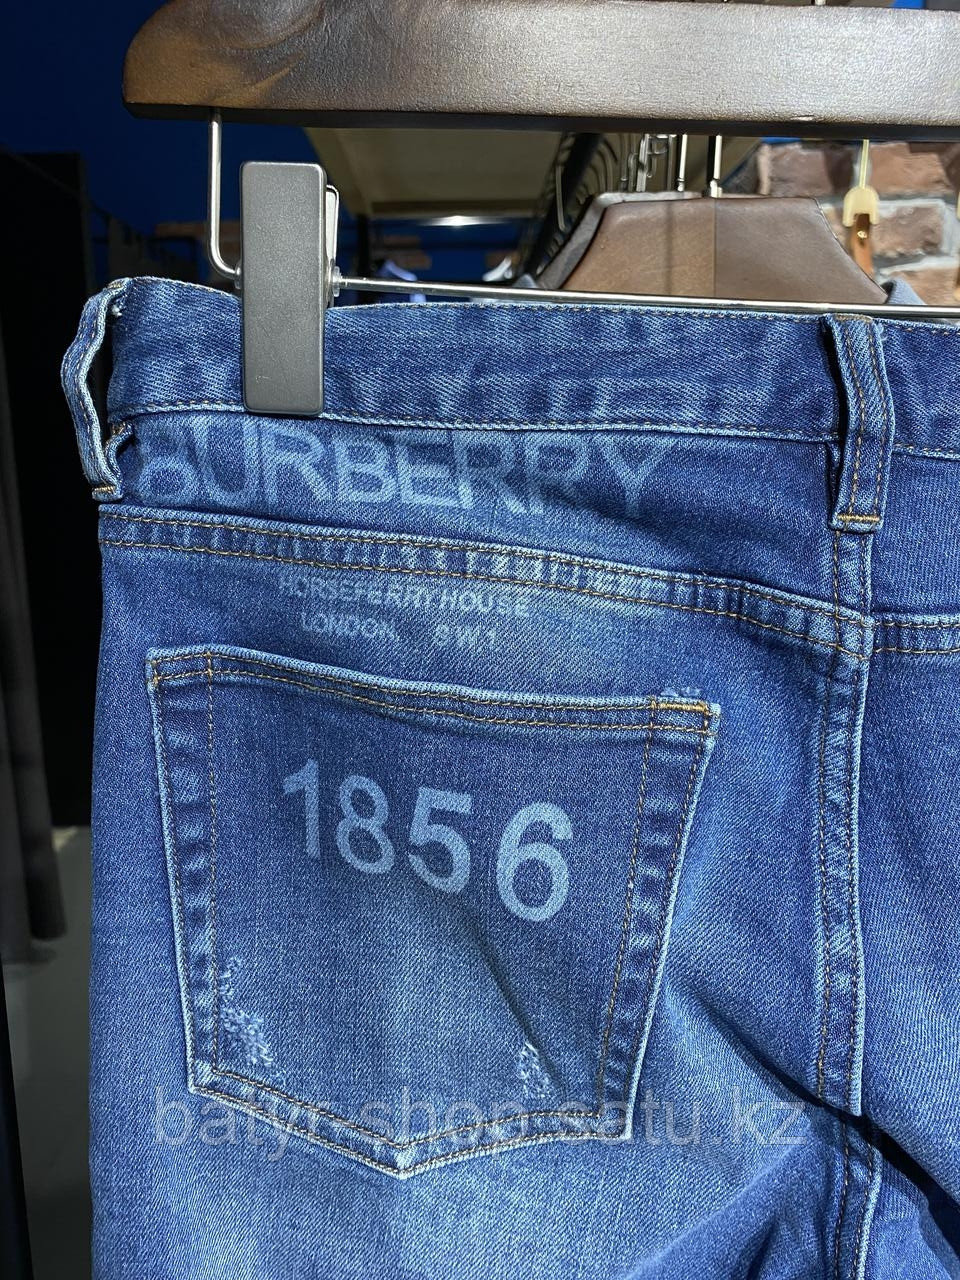 Джинсы Burberry (0067) - фото 5